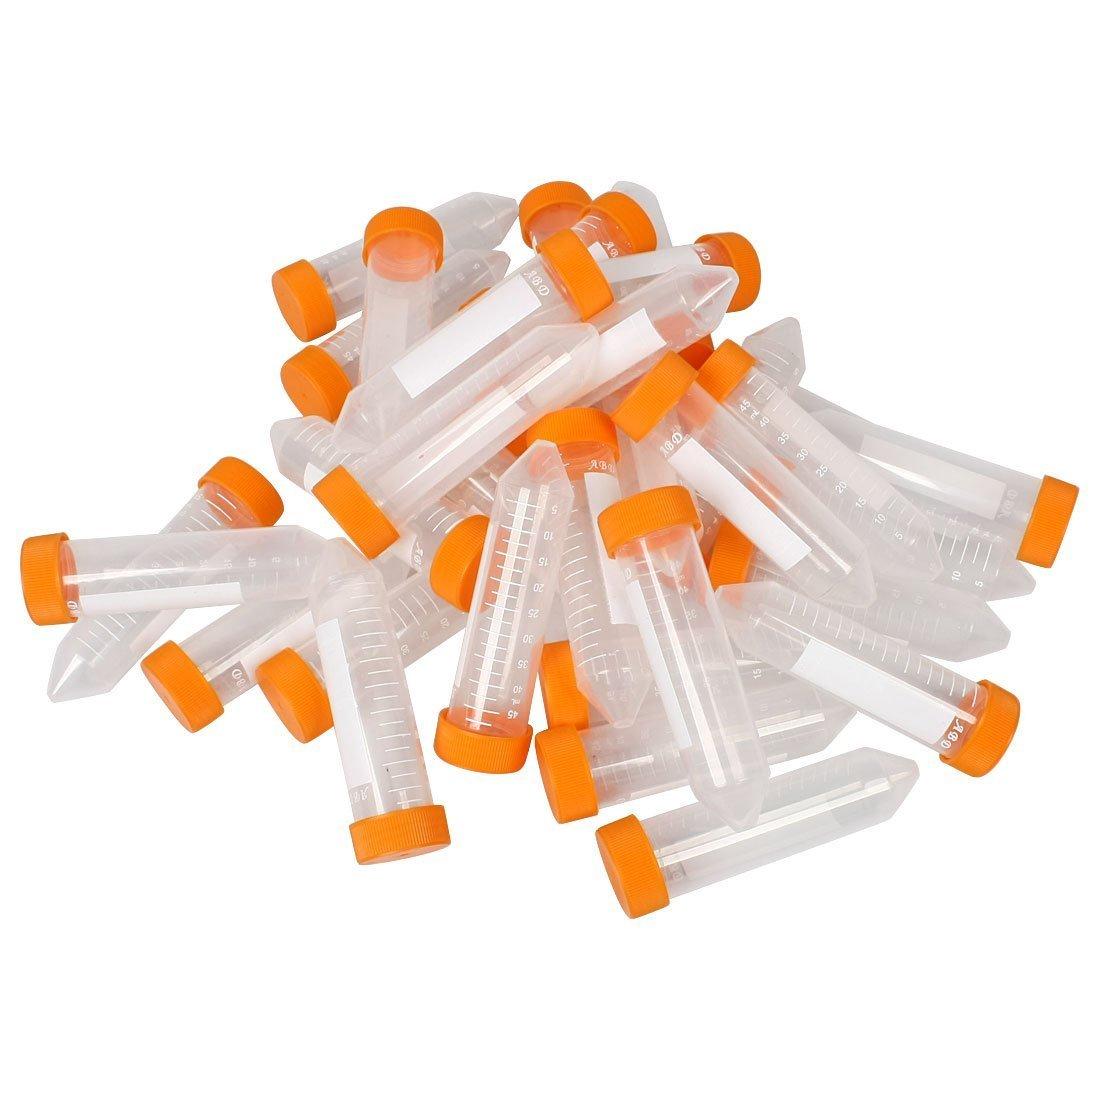 Lot de 5050ml conique en plastique transparent blanc Bas tubes à centrifuger w orange Pac Sourcingmap a13012300ux0084